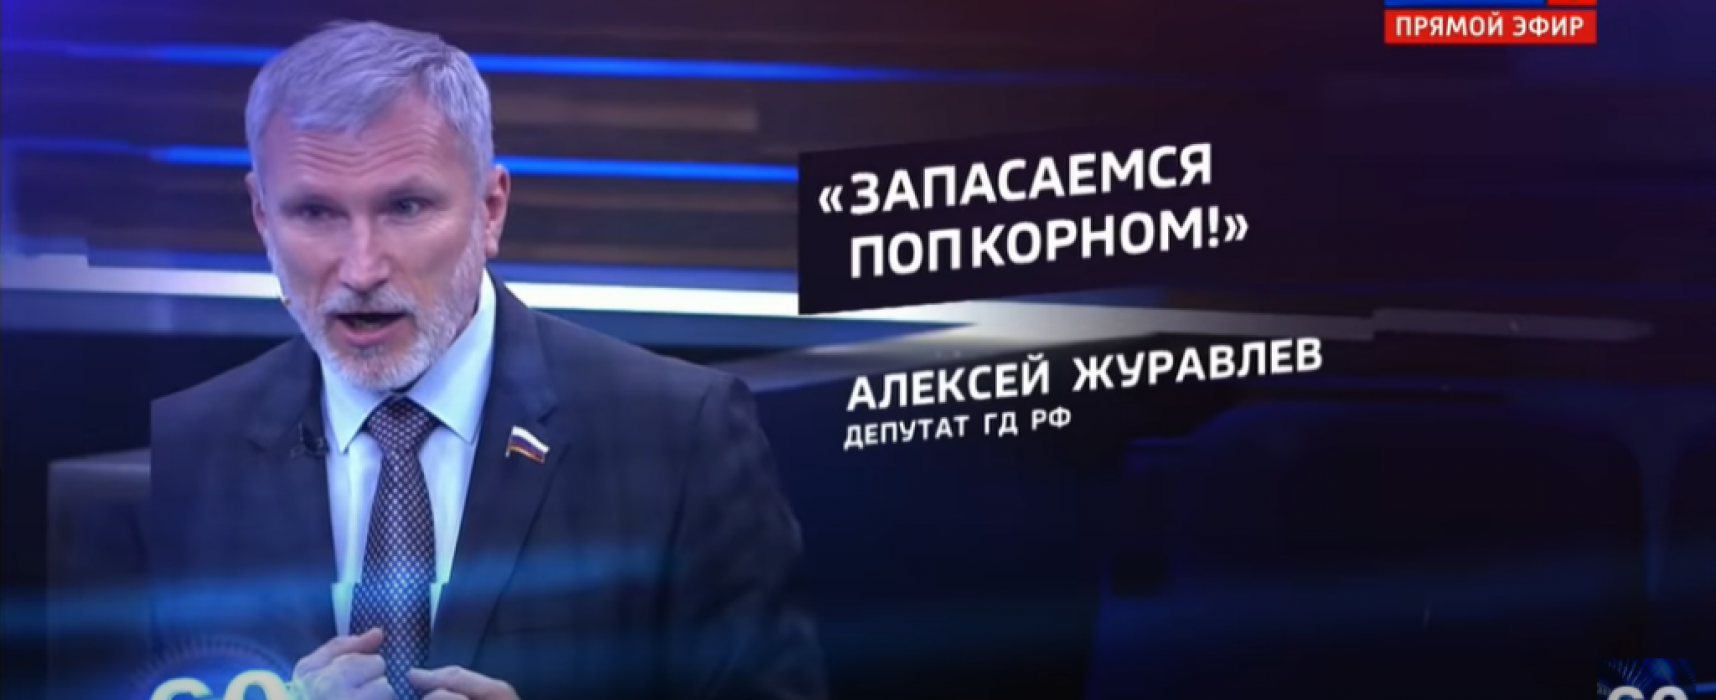 «Запасаемся попкорном» – российское телевидение освещает протесты в США